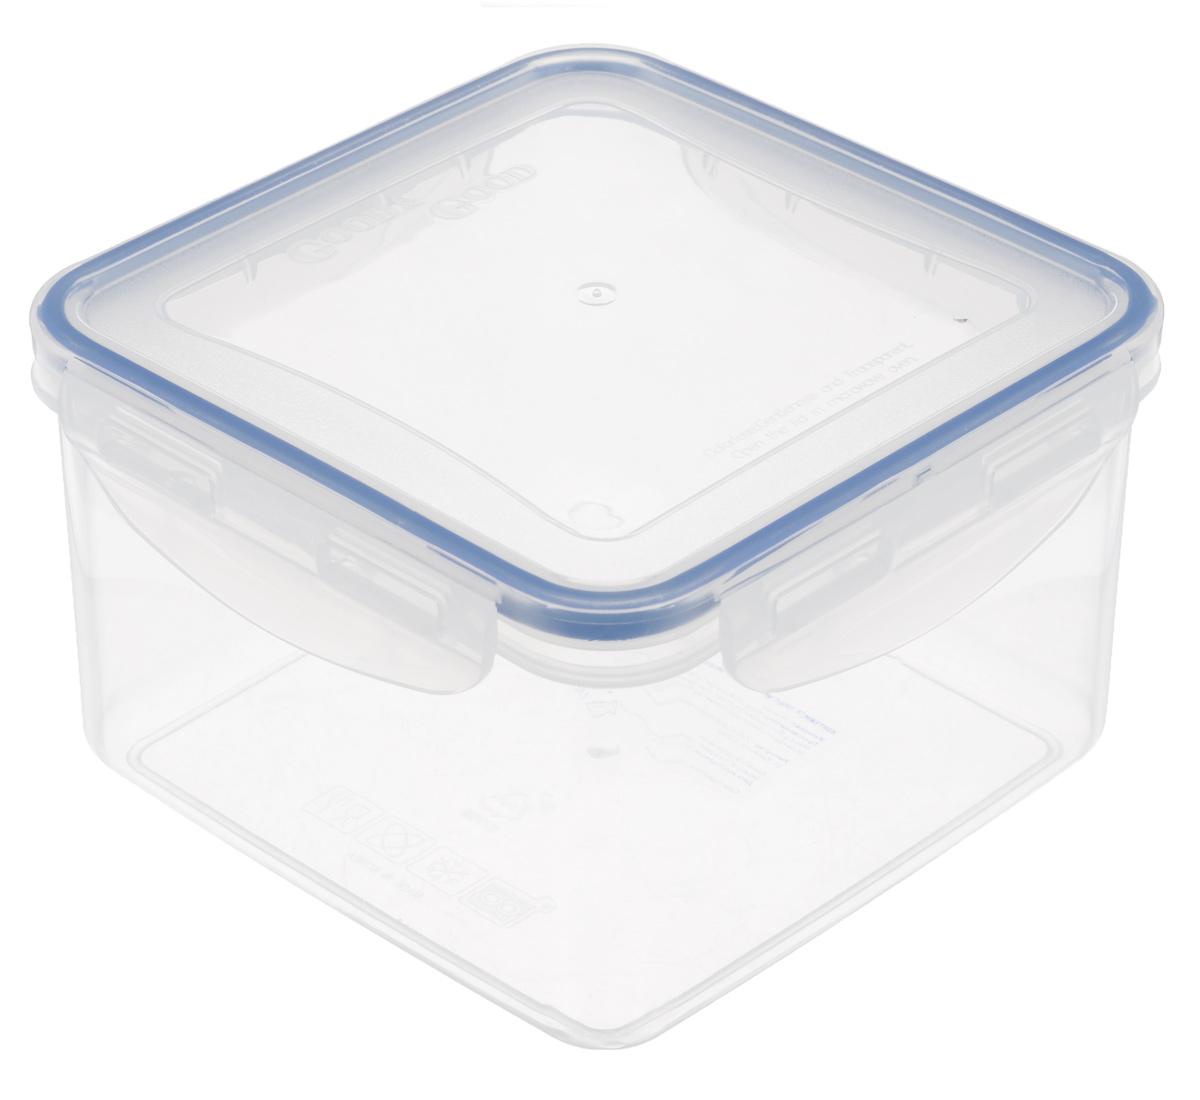 """Квадратный контейнер """"Good&Good"""" изготовлен из  высококачественного полипропилена и  предназначен для хранения любых пищевых  продуктов. Благодаря особым технологиям  изготовления, лотки в течении времени службы не  меняют цвет и не пропитываются  запахами. Крышка с силиконовой вставкой  герметично  защелкивается специальным механизмом.  Контейнер """"Good&Good"""" удобен для ежедневного  использования в быту. Можно мыть в посудомоечной машине. Размер контейнера (с учетом крышки): 15 см х 15 см  х 9 см."""